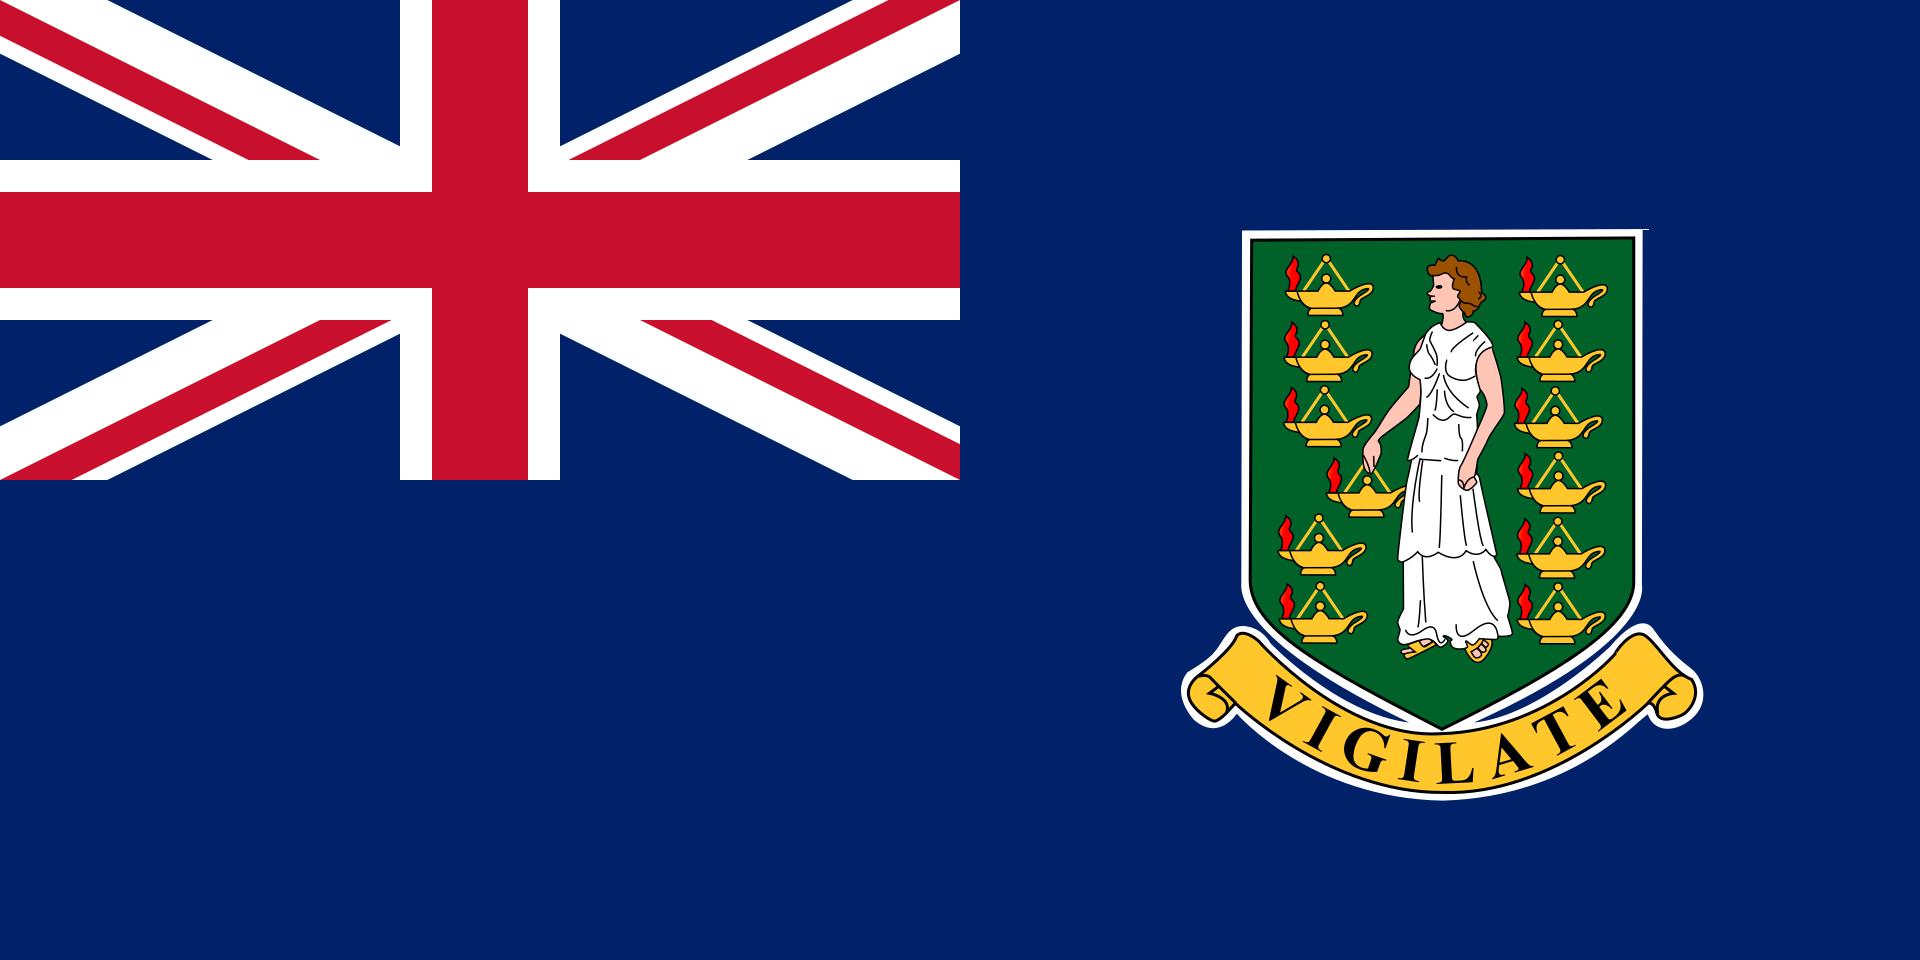 イギリス領ヴァージン諸島|山内 京賀|note